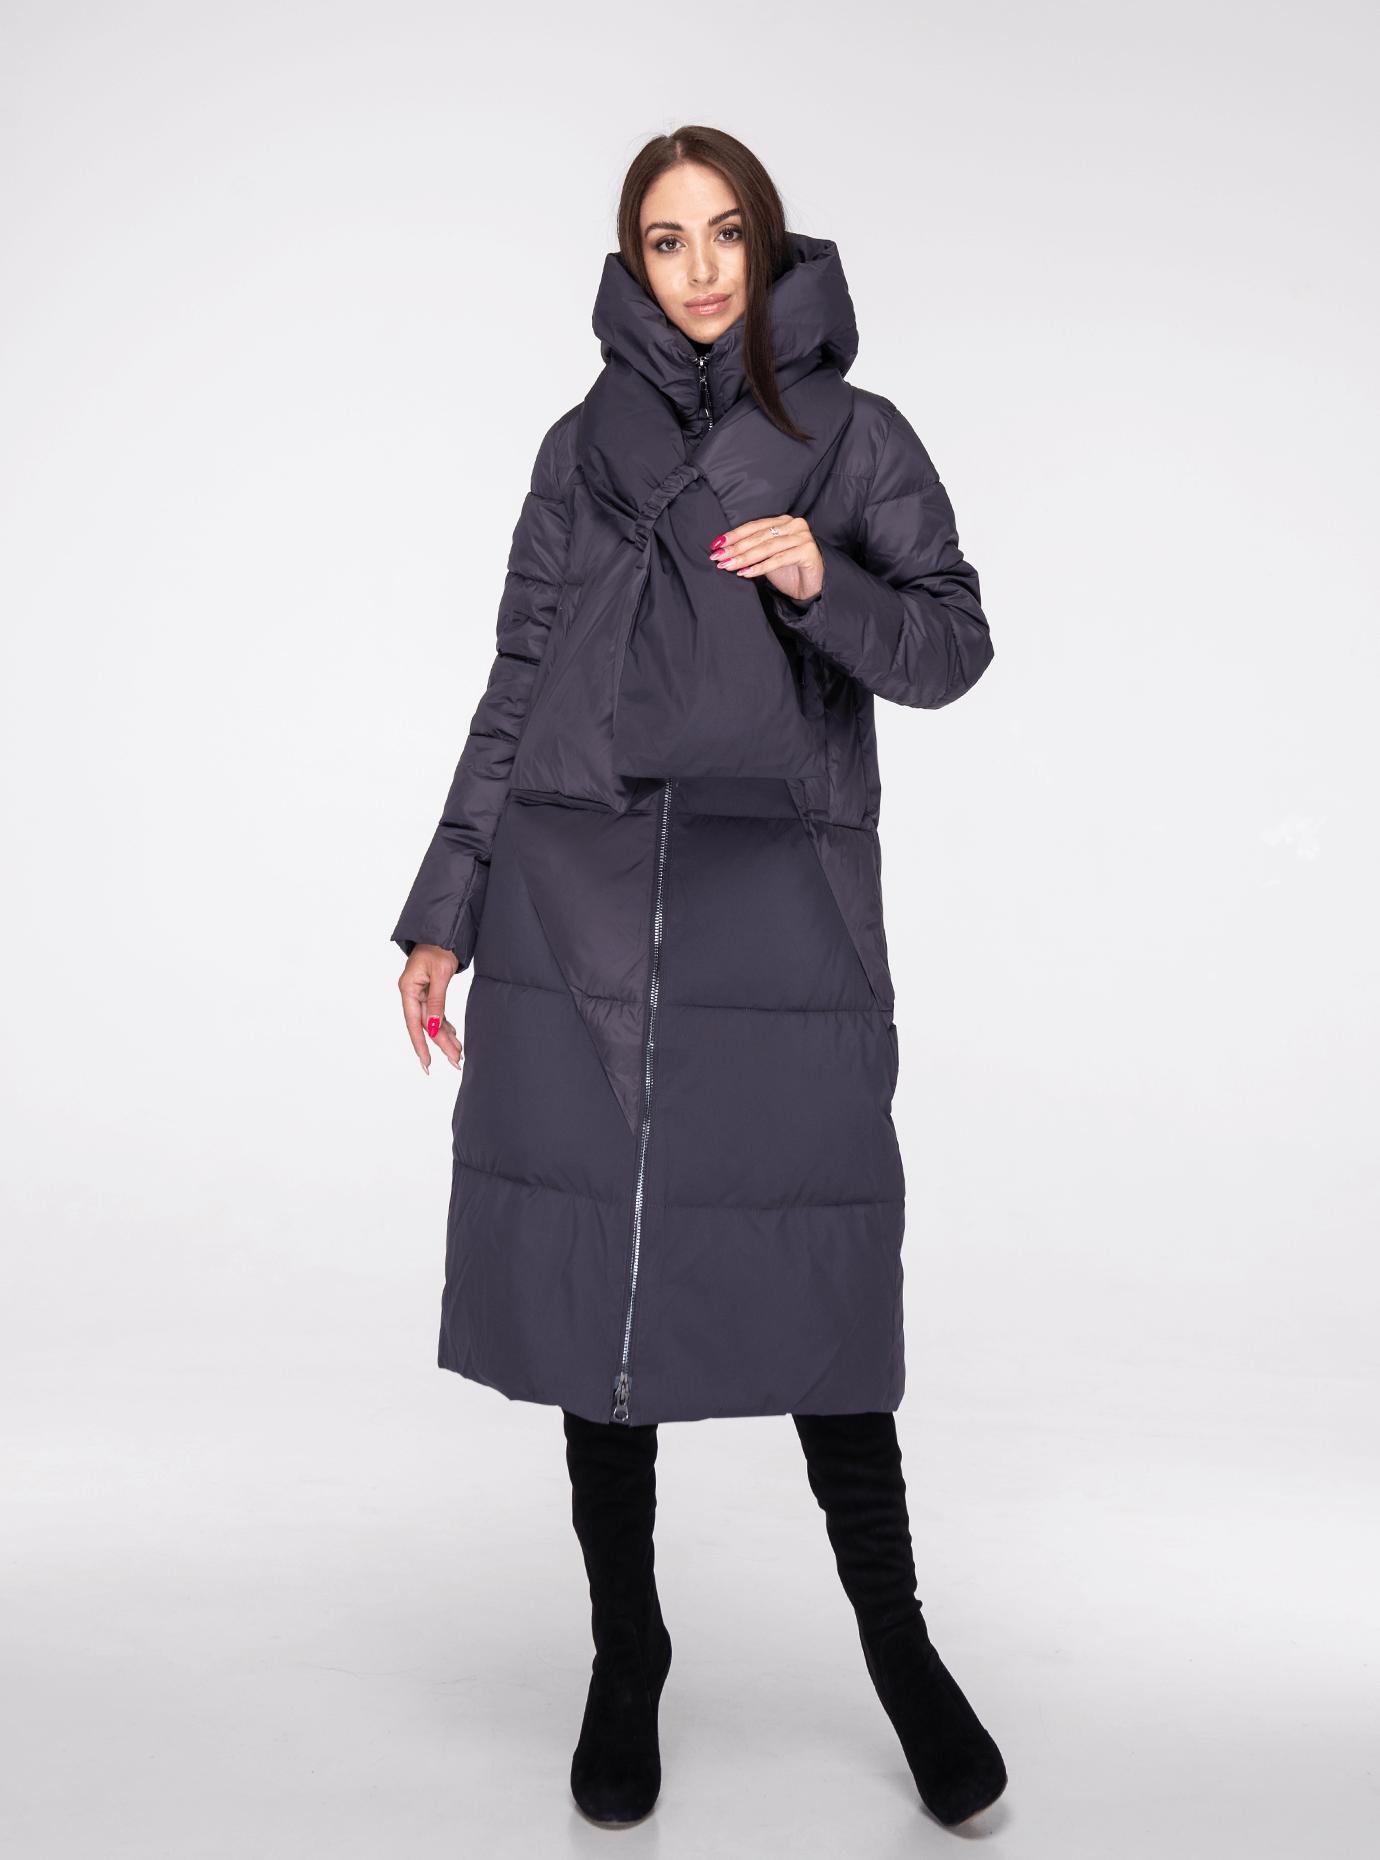 Классическая зимняя женская куртка Графитовый 2XL (02-190222): фото - Alster.ua